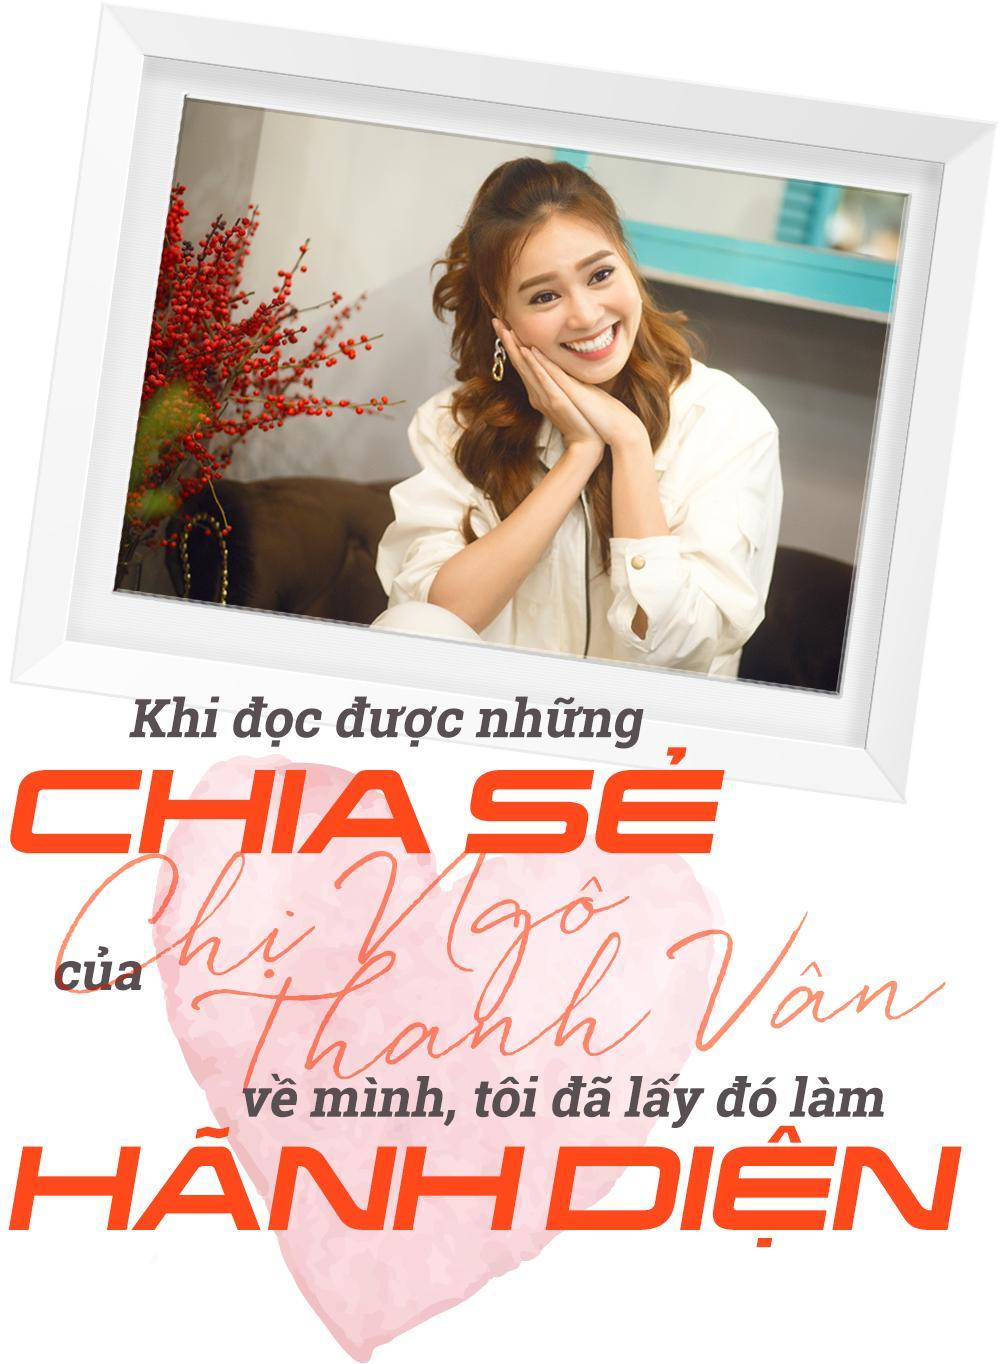 Ninh Dương Lan Ngọc: Tôi không cướp vai Angela Phương Trinh và cô ấy đừng hãm hại ai thêm nữa-1